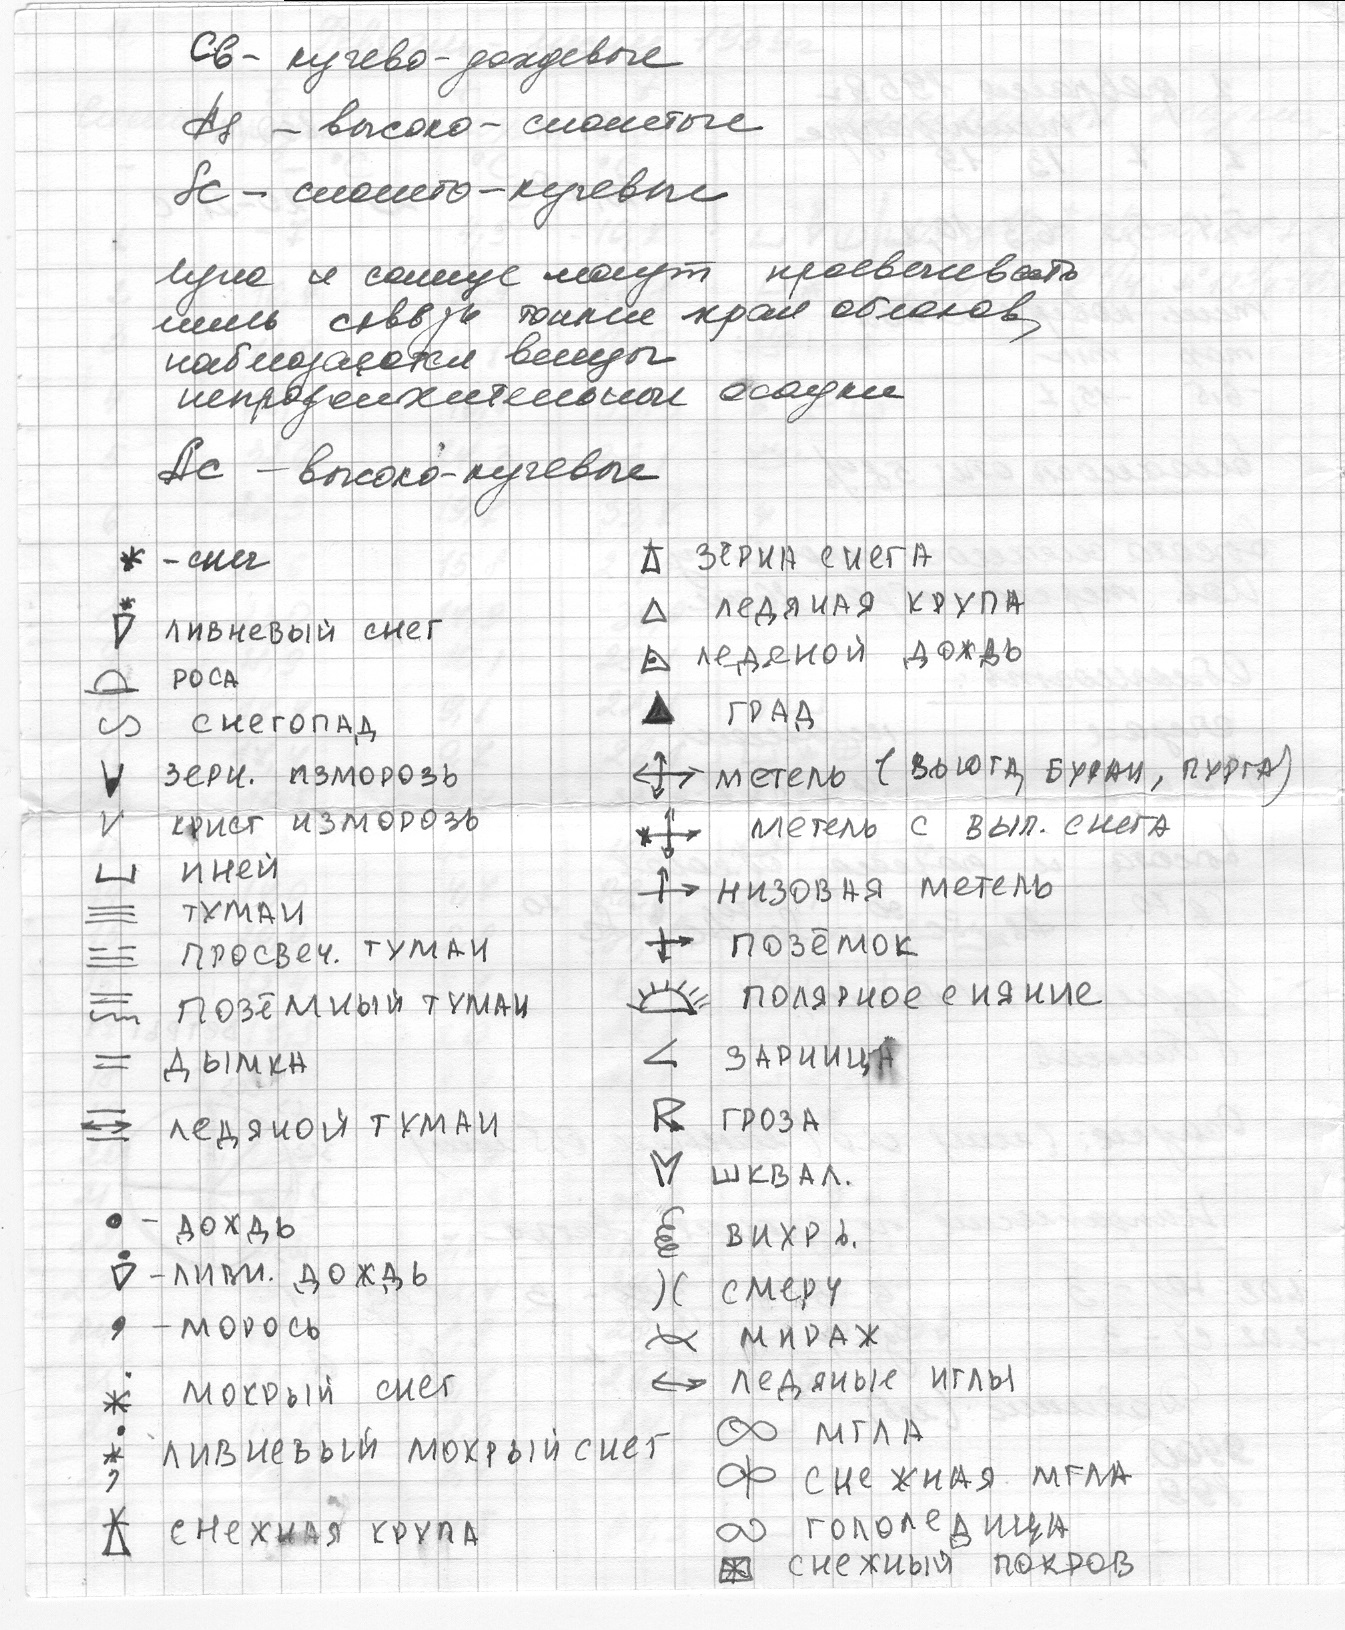 http://images.vfl.ru/ii/1595511644/96d22121/31146468.jpg